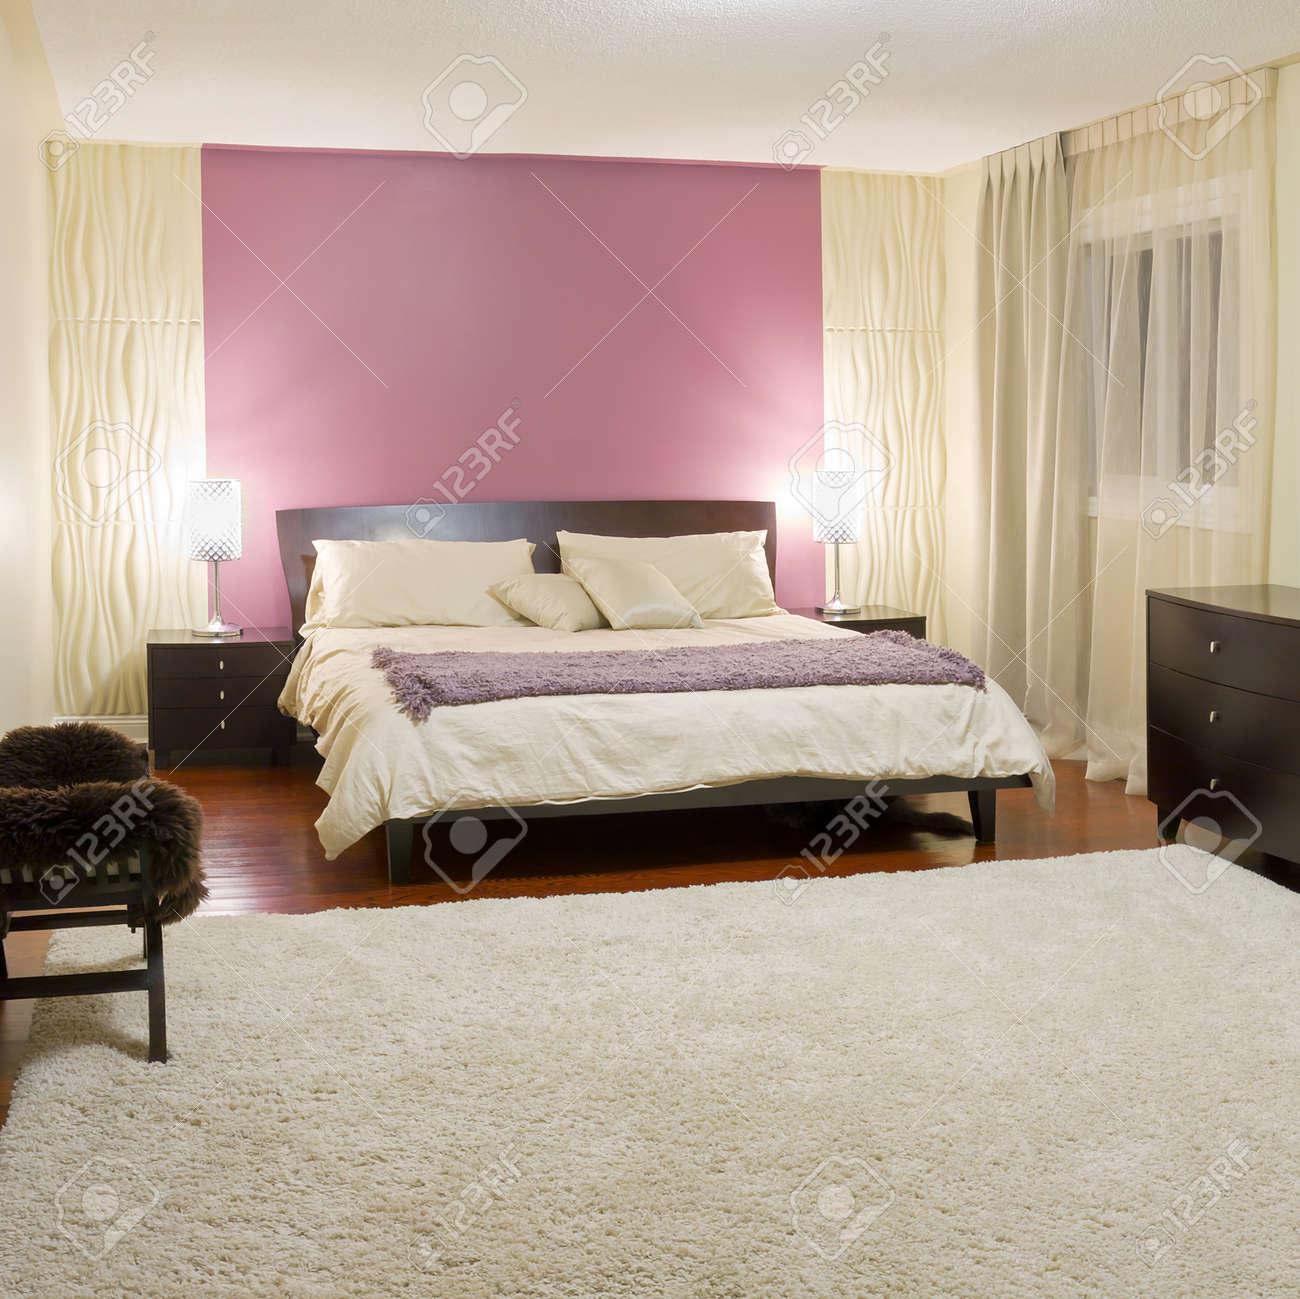 Schlafzimmer moderne innenarchitektur mit möbeln lizenzfreie bilder 22505171